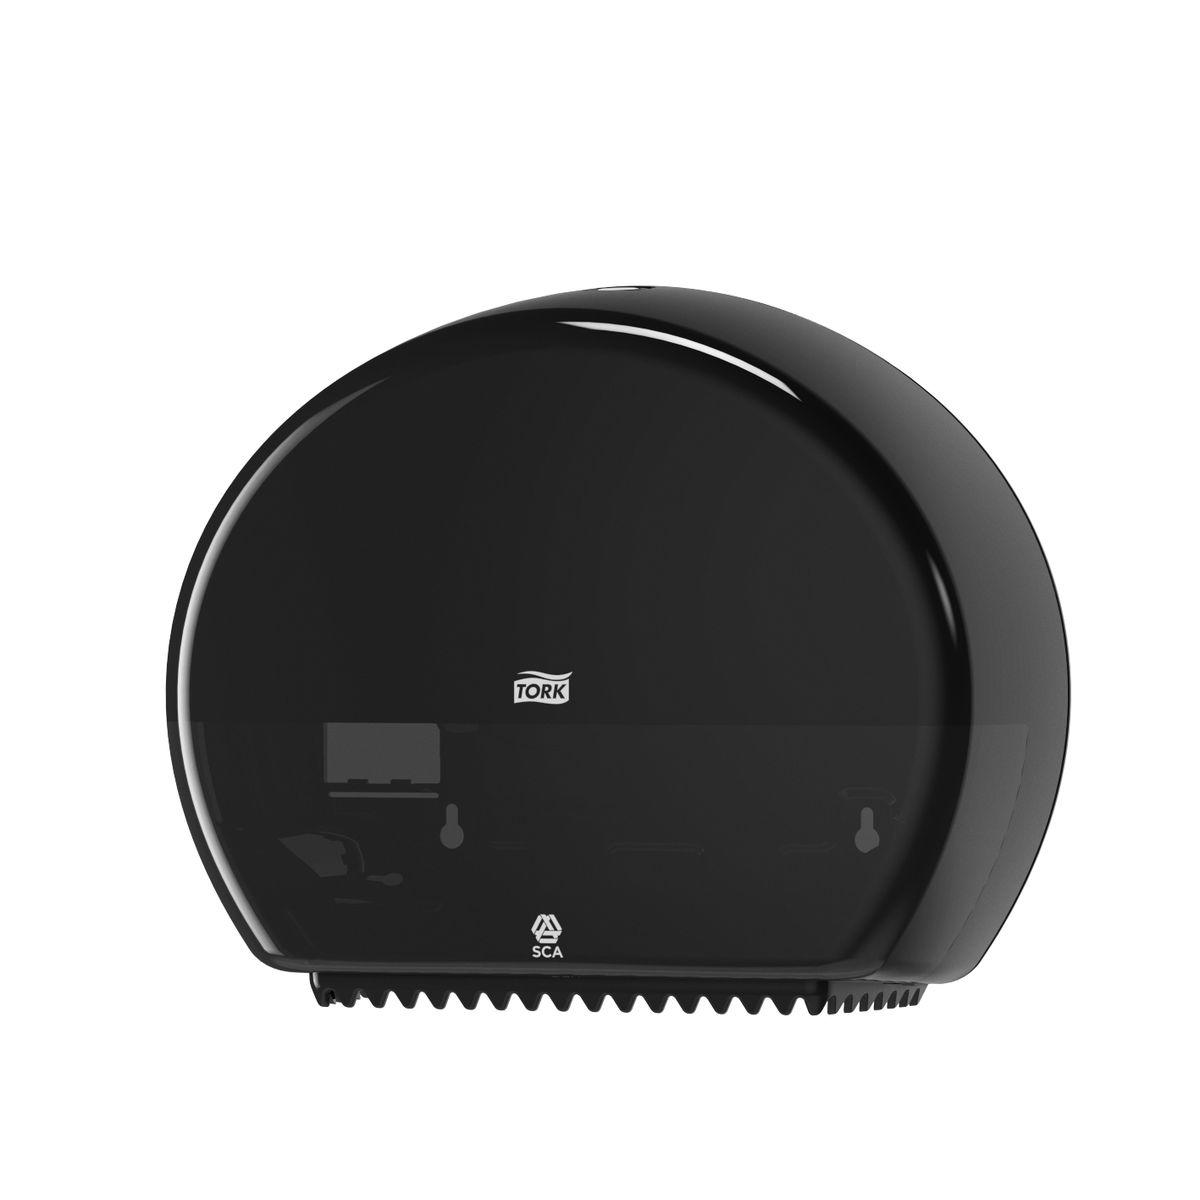 Диспенсер для туалетной бумаги Tork, цвет: черный. 55500868/5/1Система T2 - для туалетной бумаги в мини рулонахДержатель изготовлен из ударопрочного пластика белого цвета.Функция Stub Roll позволяет сэкономить до 35 м бумаги.Снабжен специальными зубчиками, которые подходят для отрыва полотна как с перфорацией, так и без нее.Открывается двумя альтернативными способами: ключом и кнопкой.Вмещает рулон длиной до 200 метров.